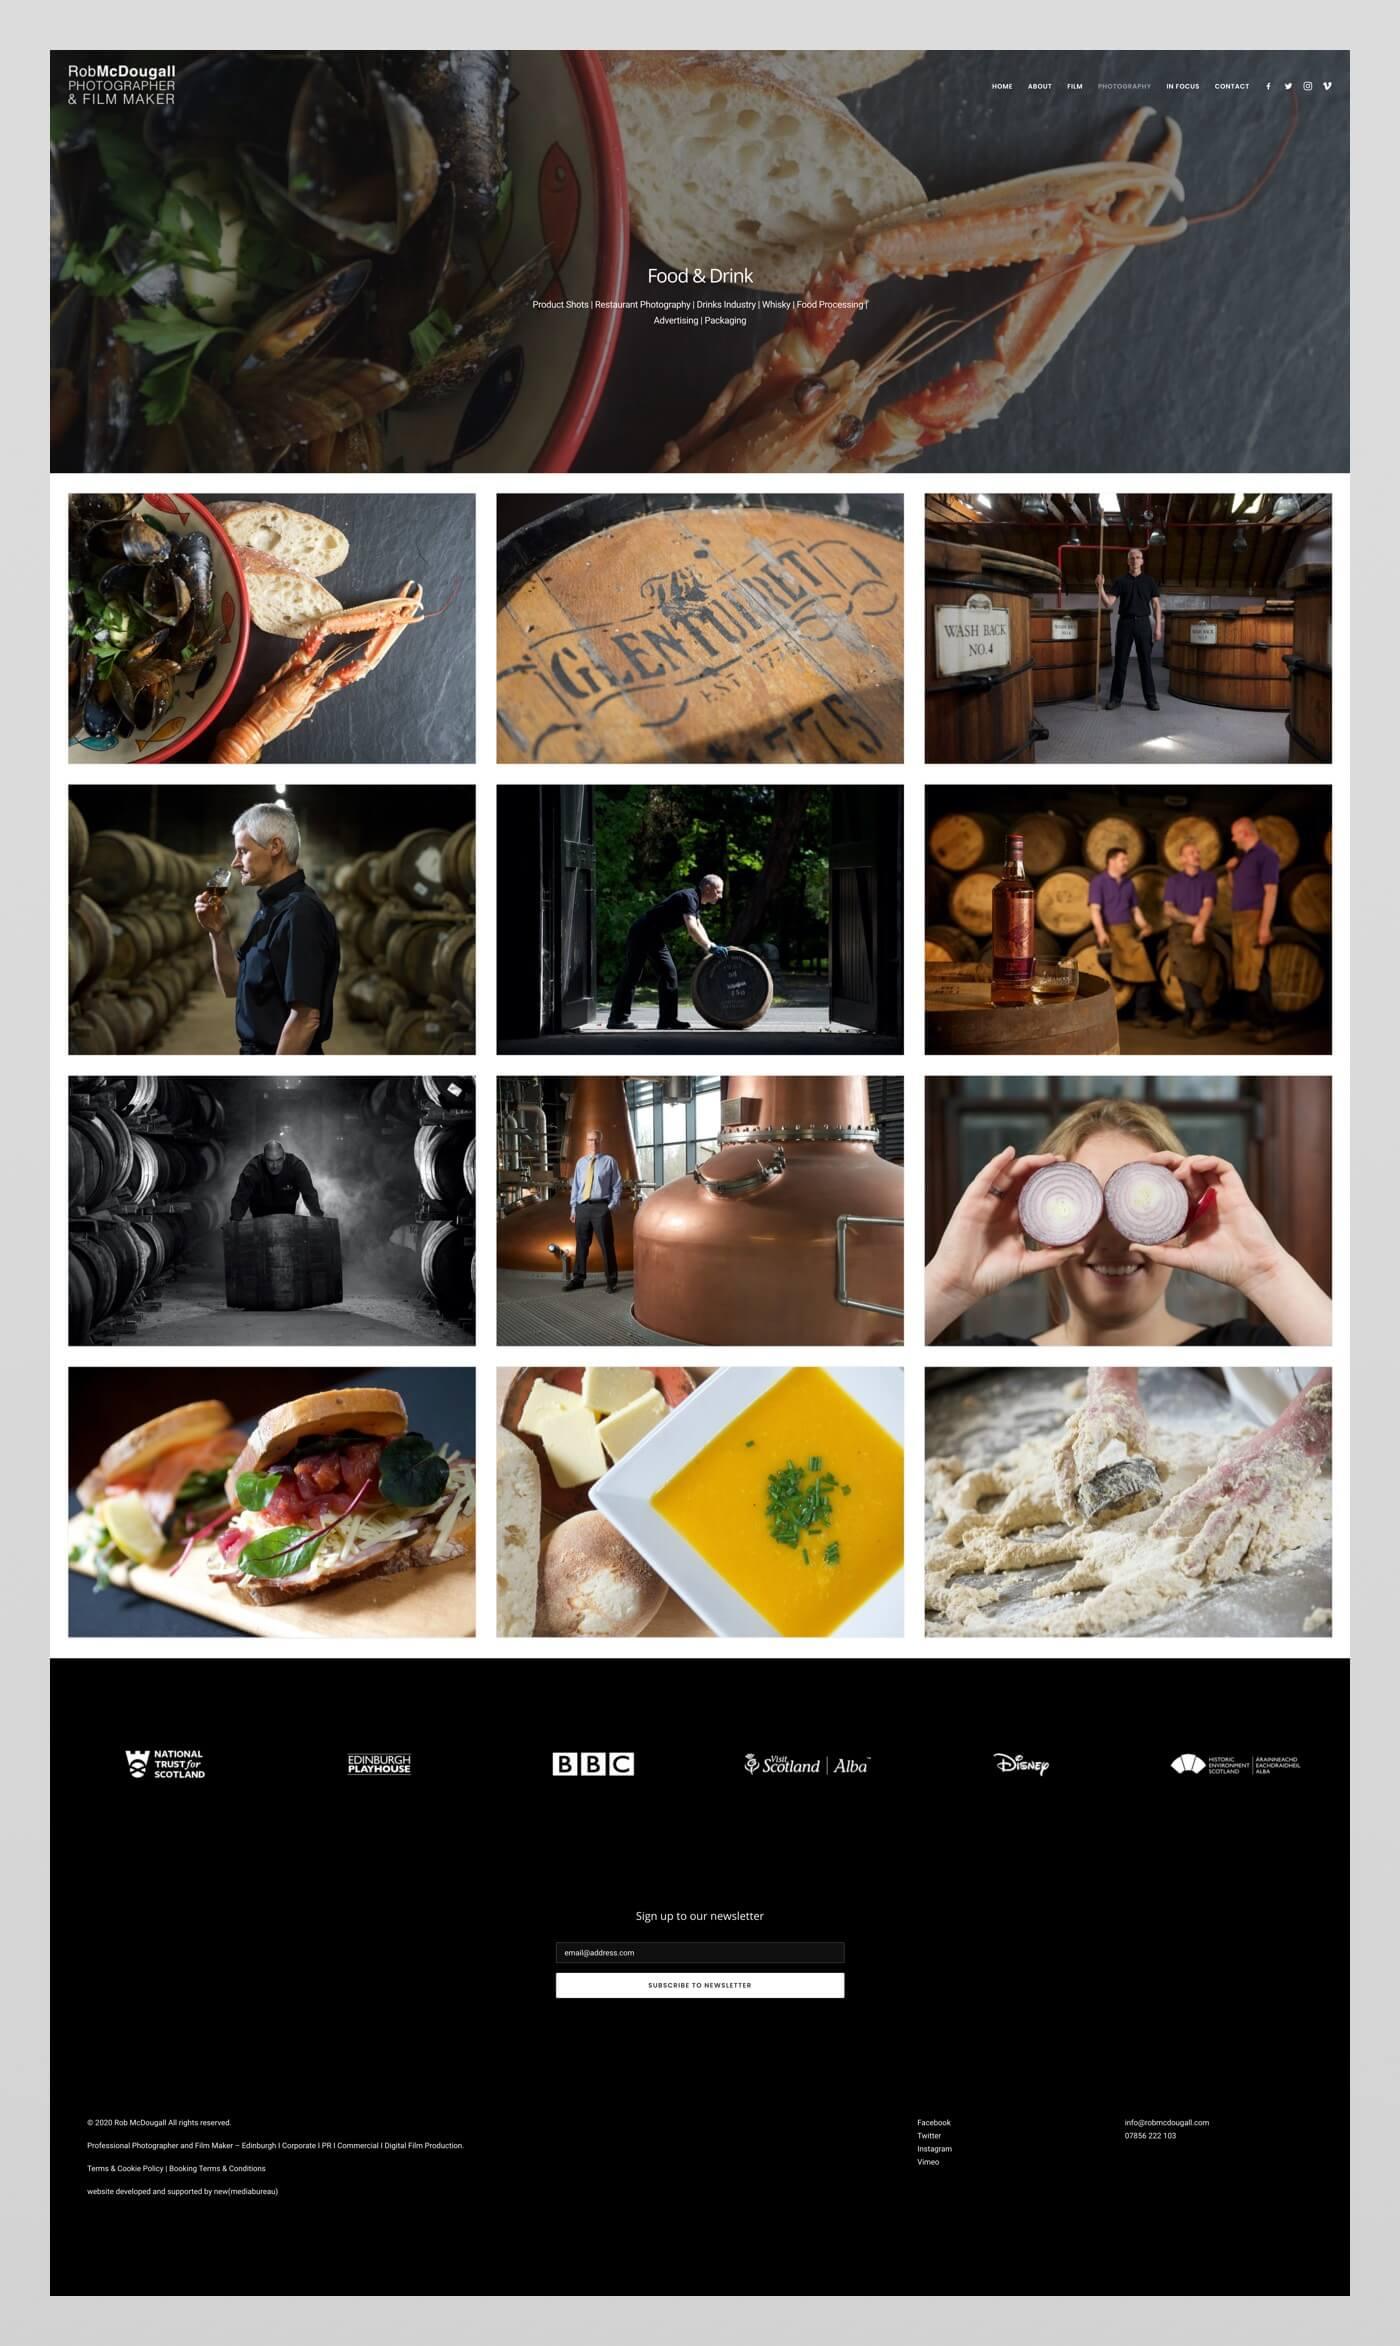 Web design for Rob McDougall Photographer & Film Maker, based in Edinburgh and East Lothian